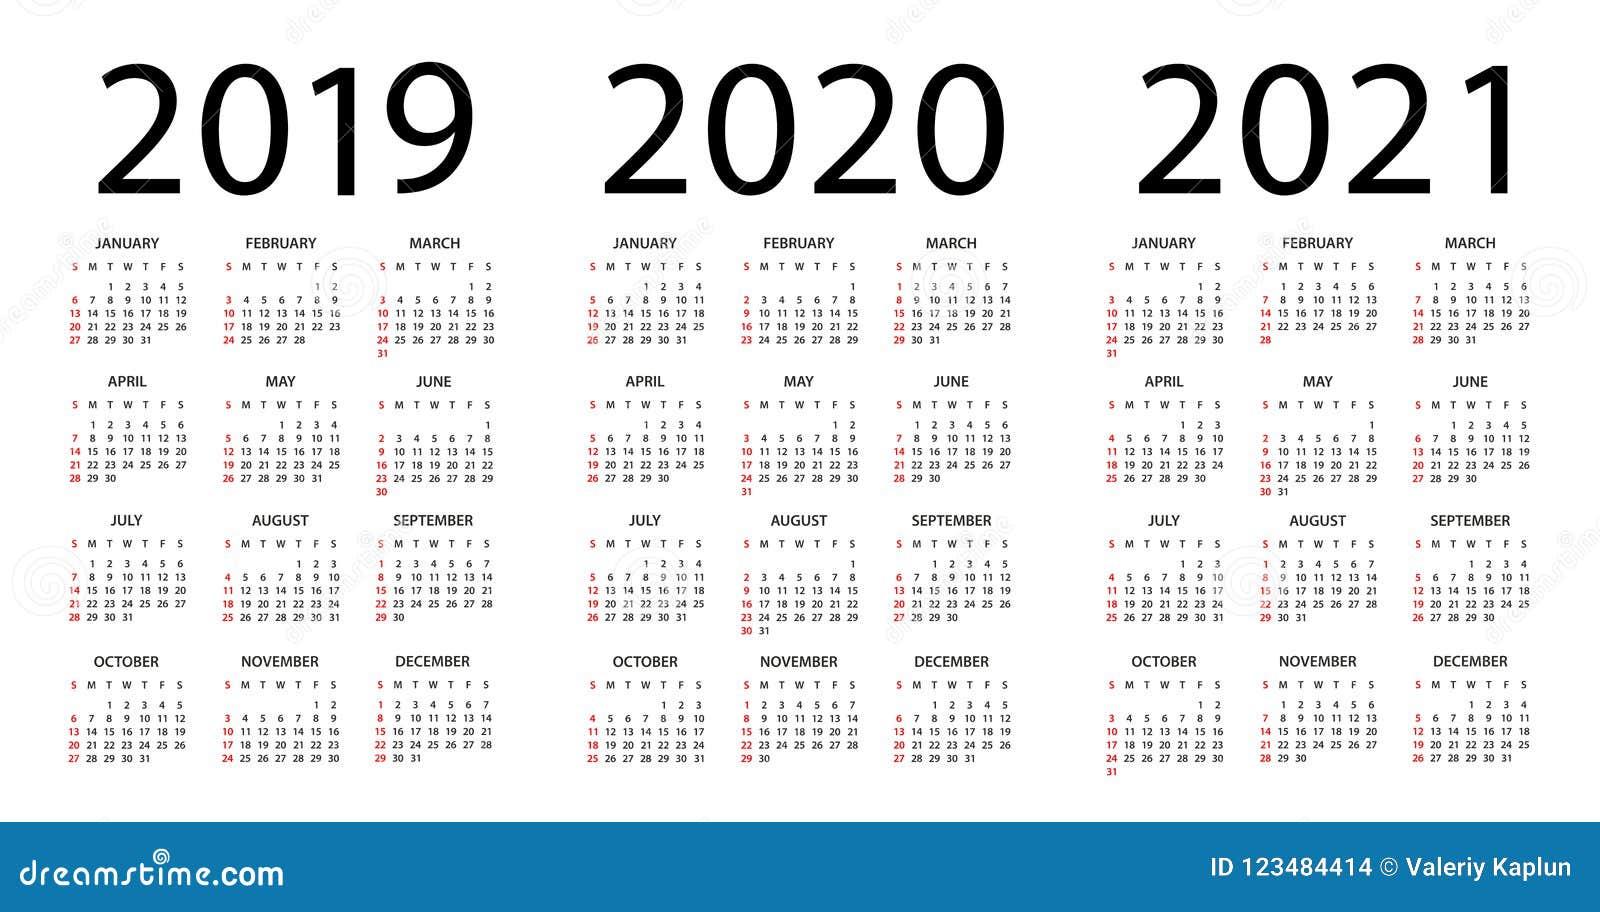 Calendario 2020 2021 Gratis Calendario 2019 2020 2021   Ejemplo Comienzo De La Semana El